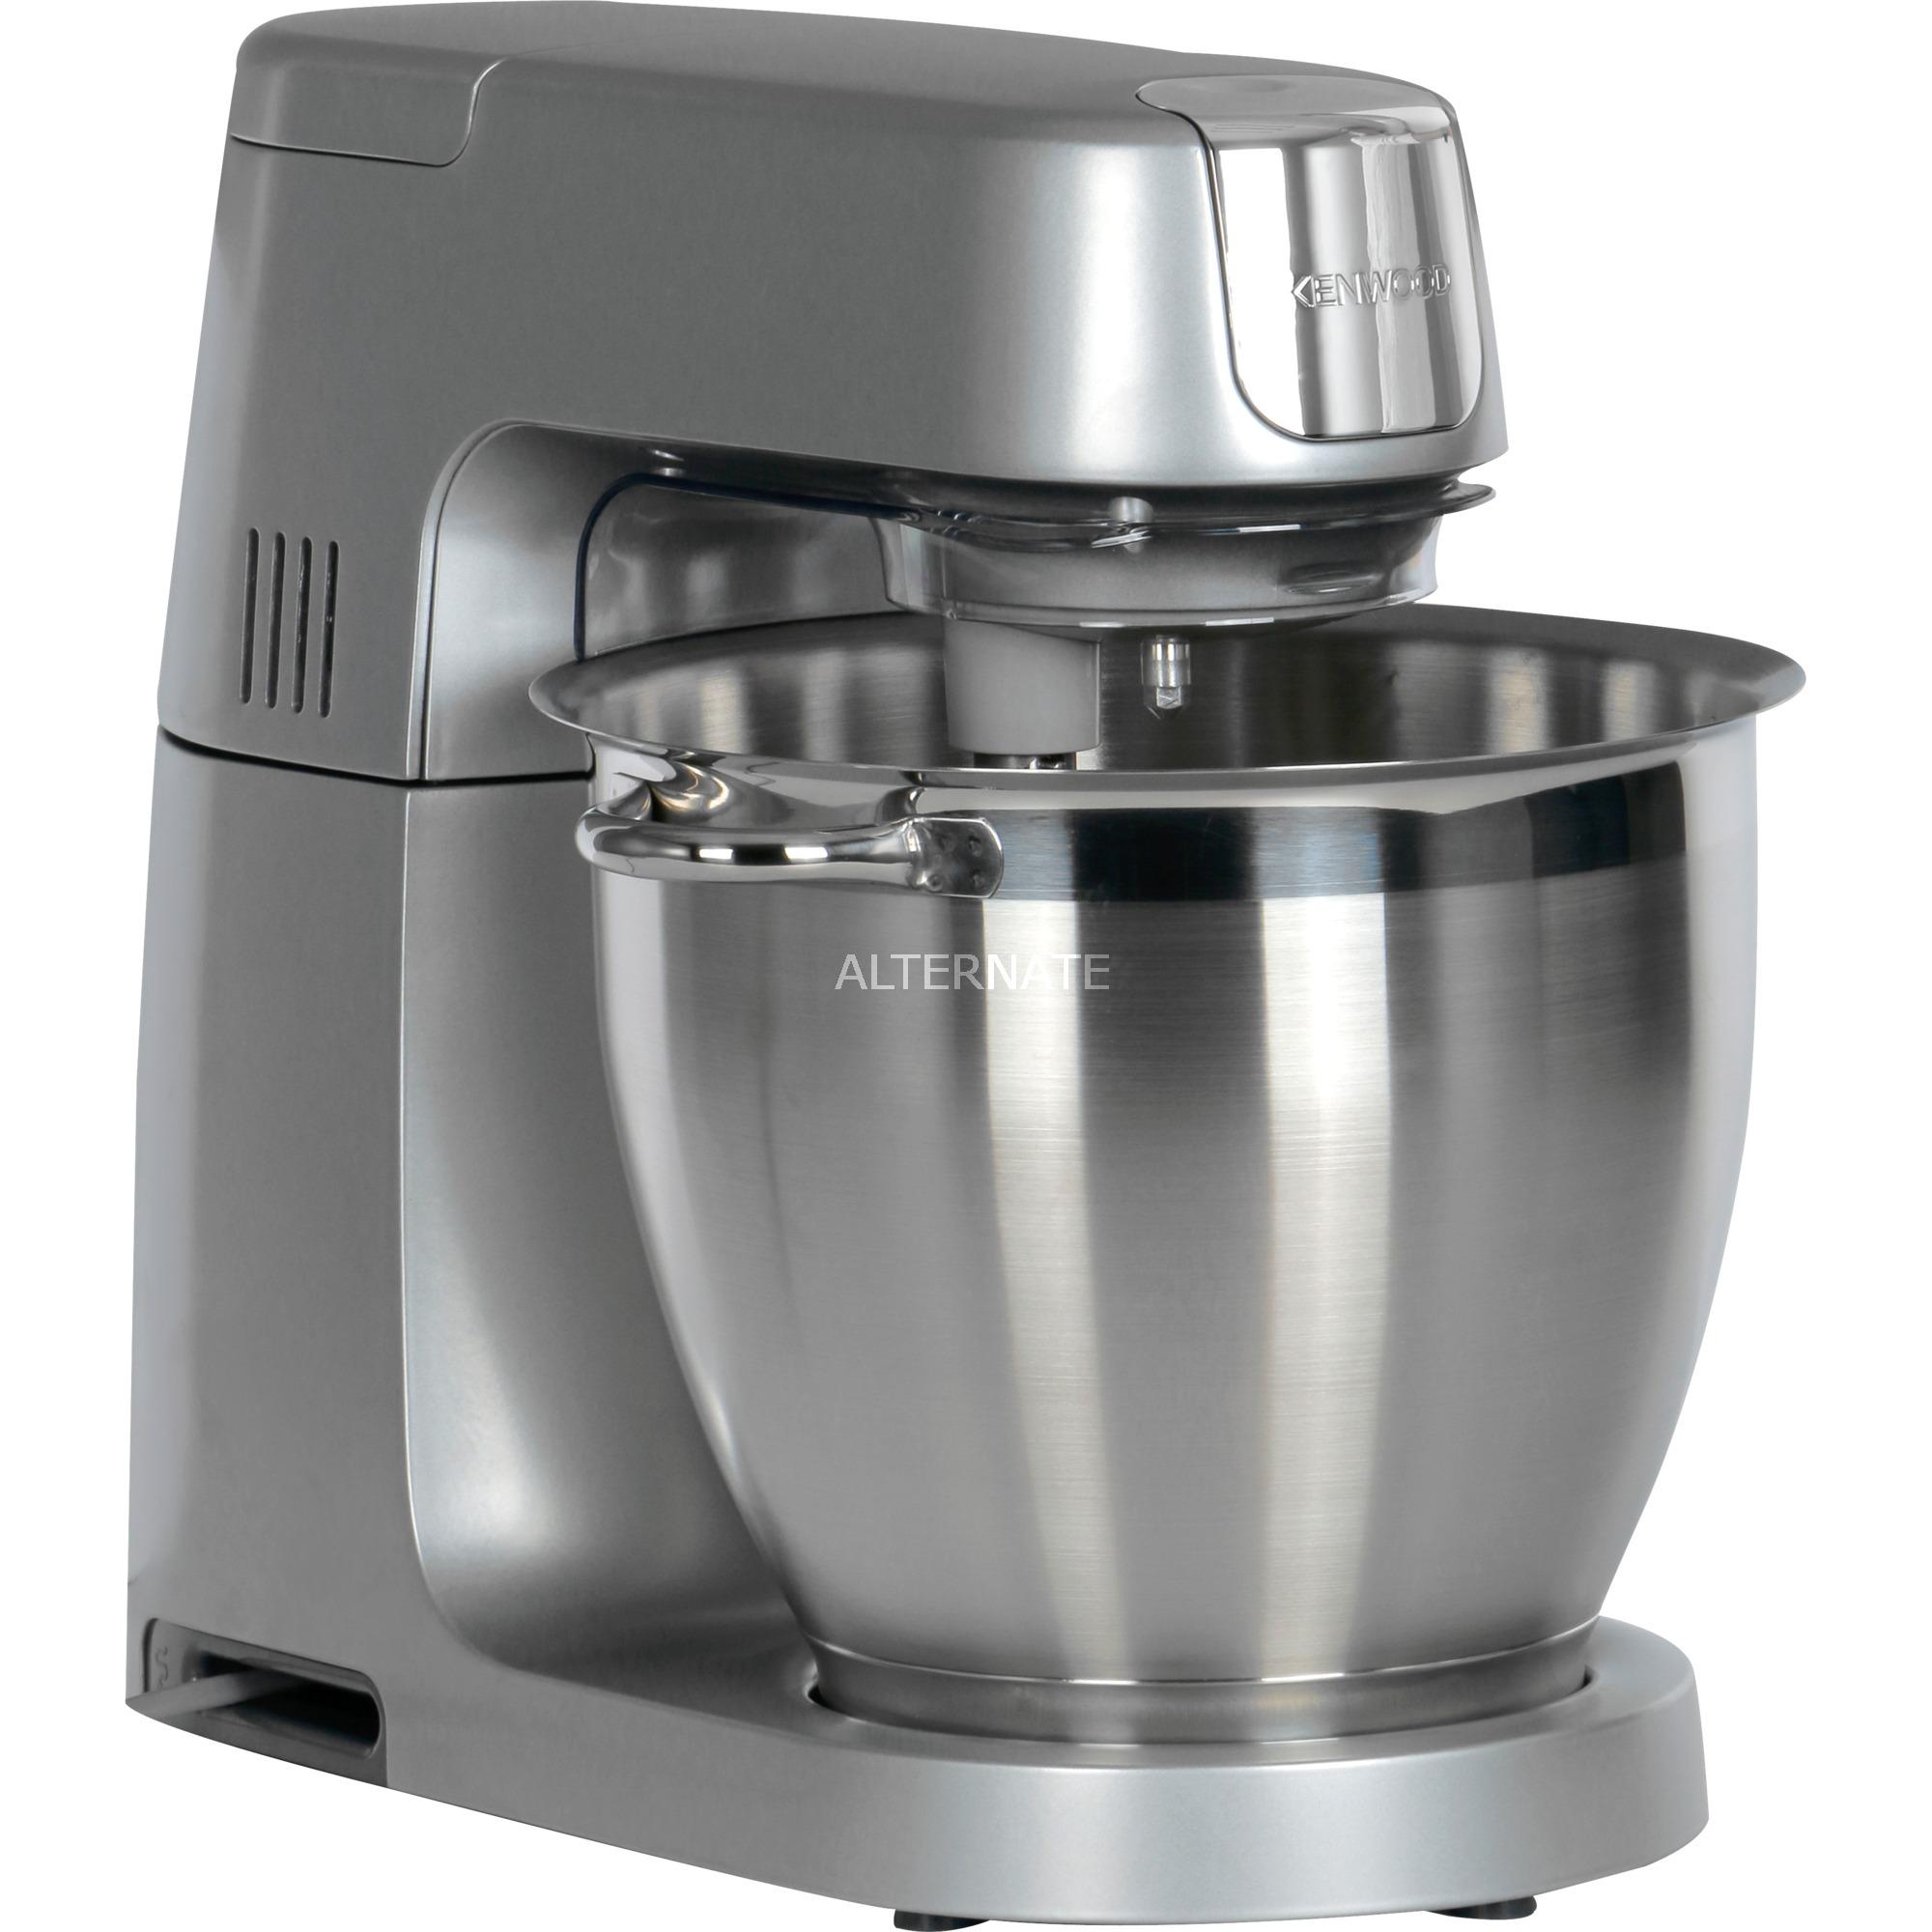 KVL6320S 1400W 6.7L Plata robot de cocina